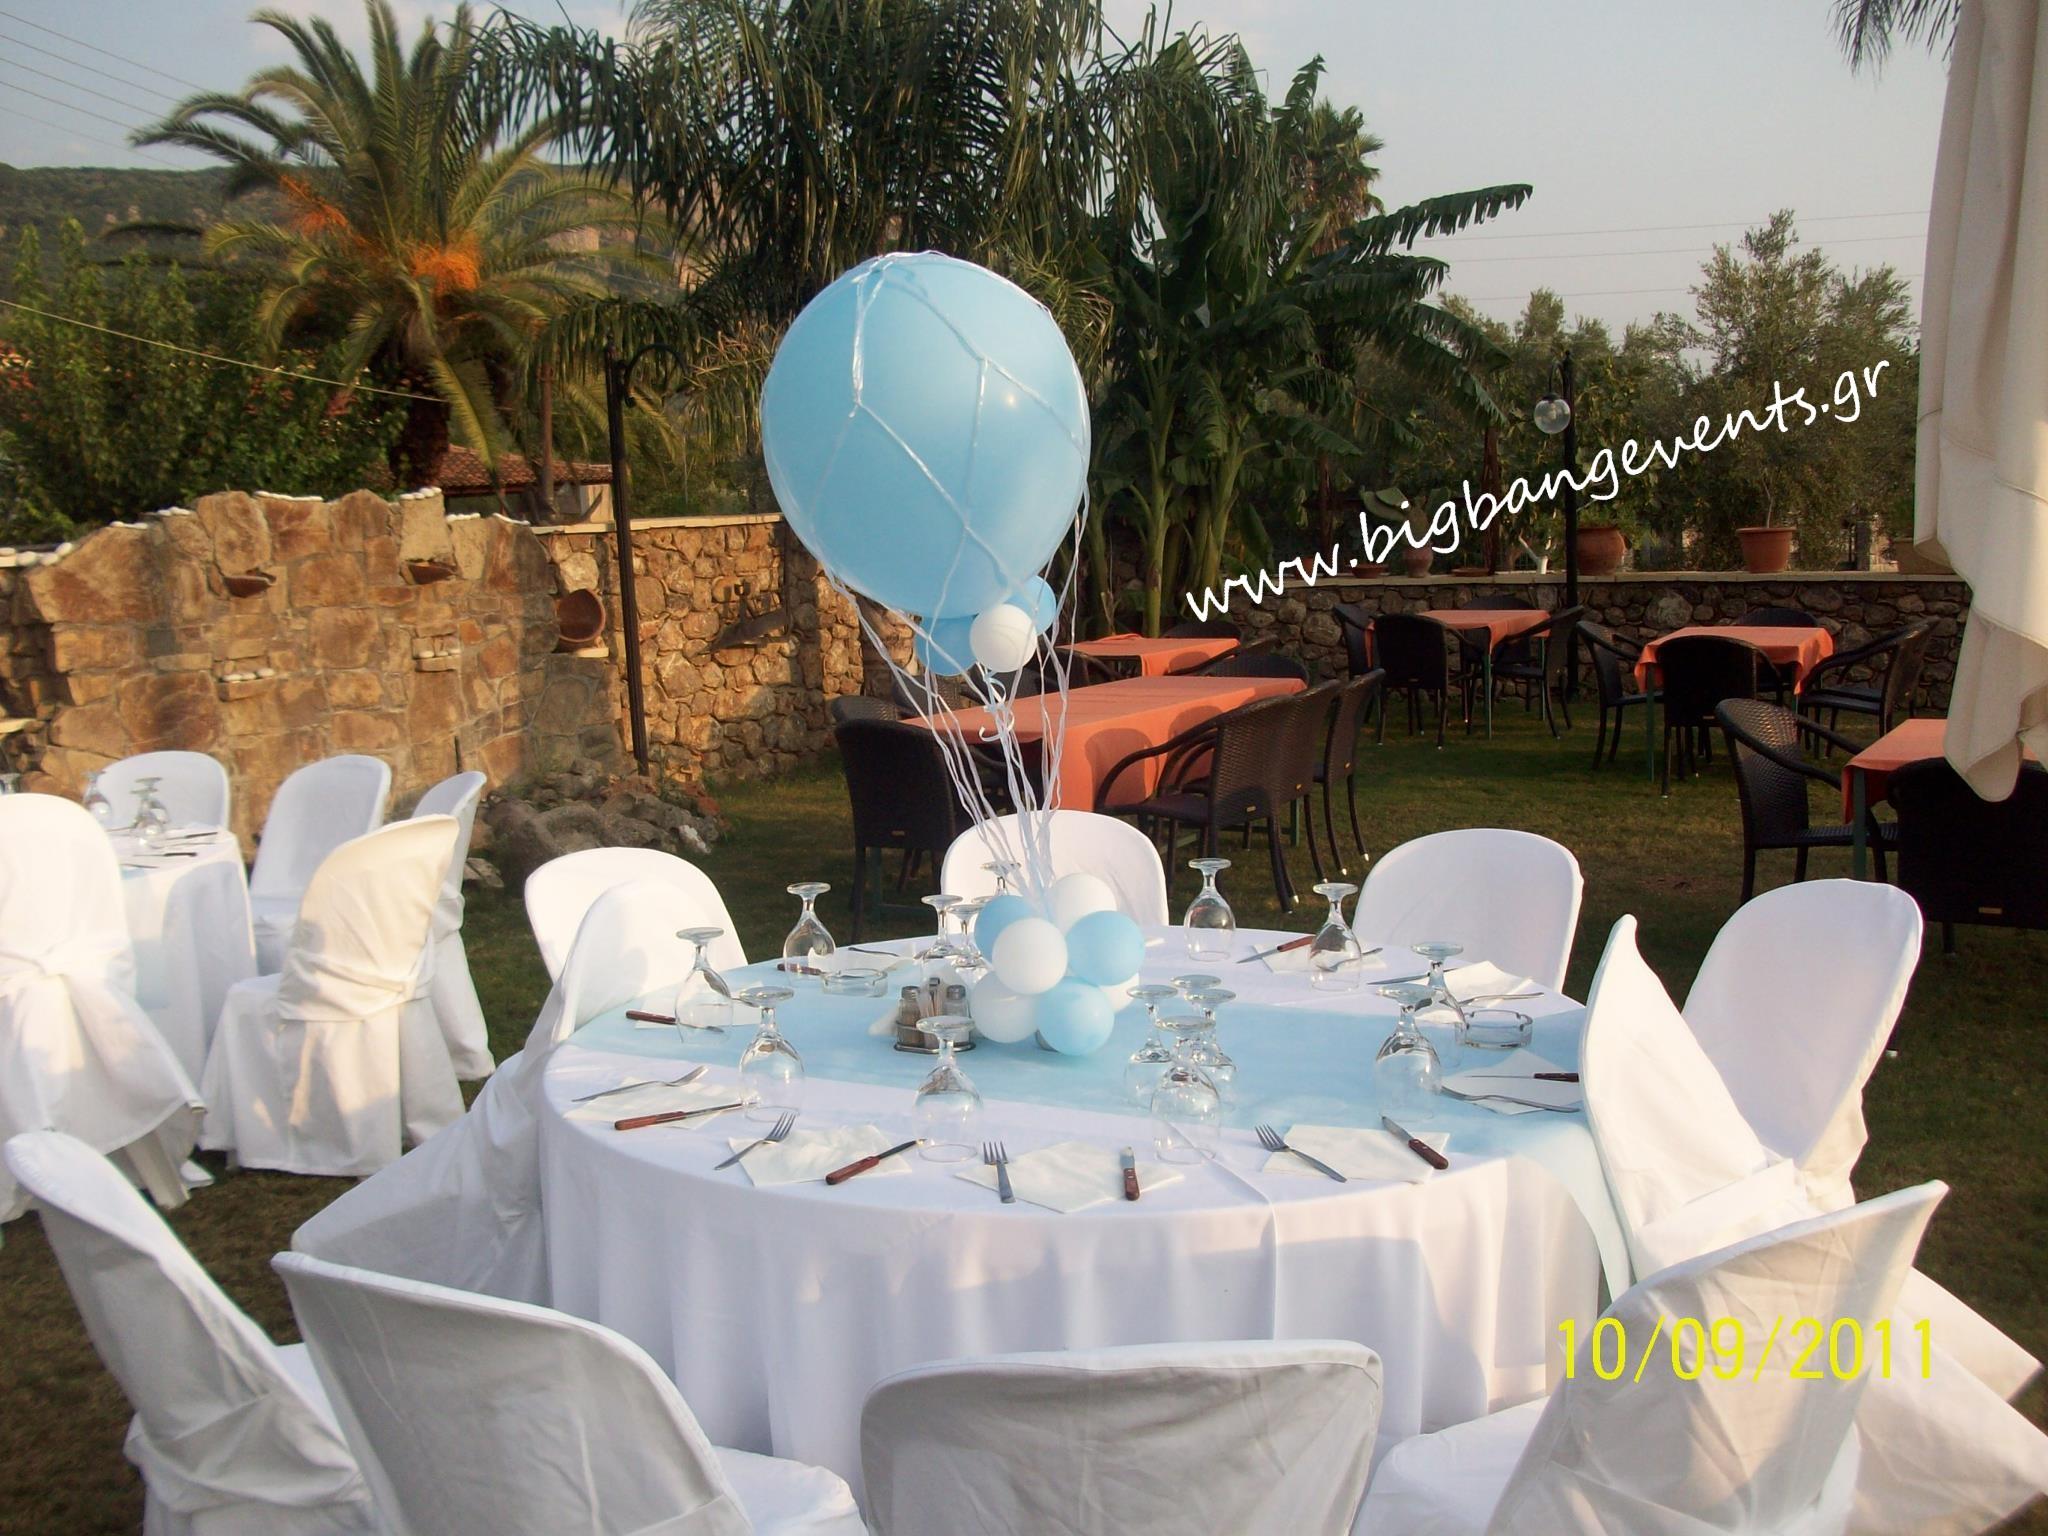 Αερόστατο στο τραέζι των καλεσμένων